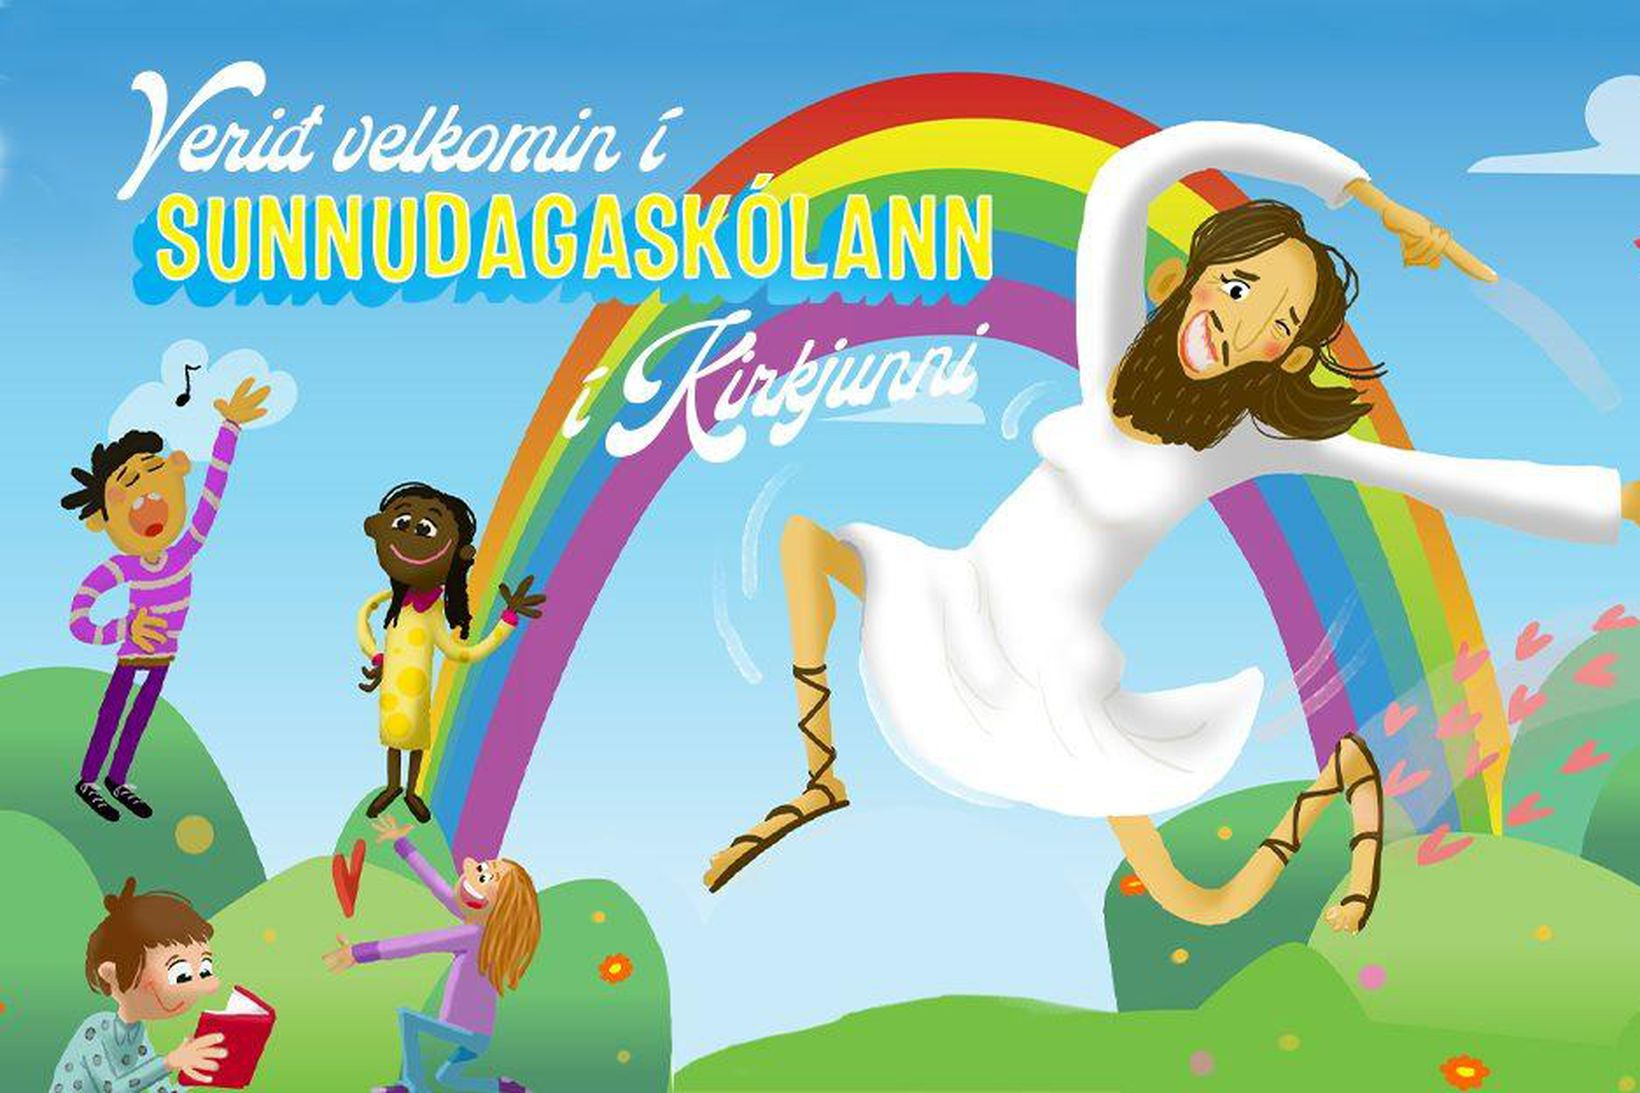 Auglýsingin sýnir Jesú með skegg, brjóst og andlitsfarða.